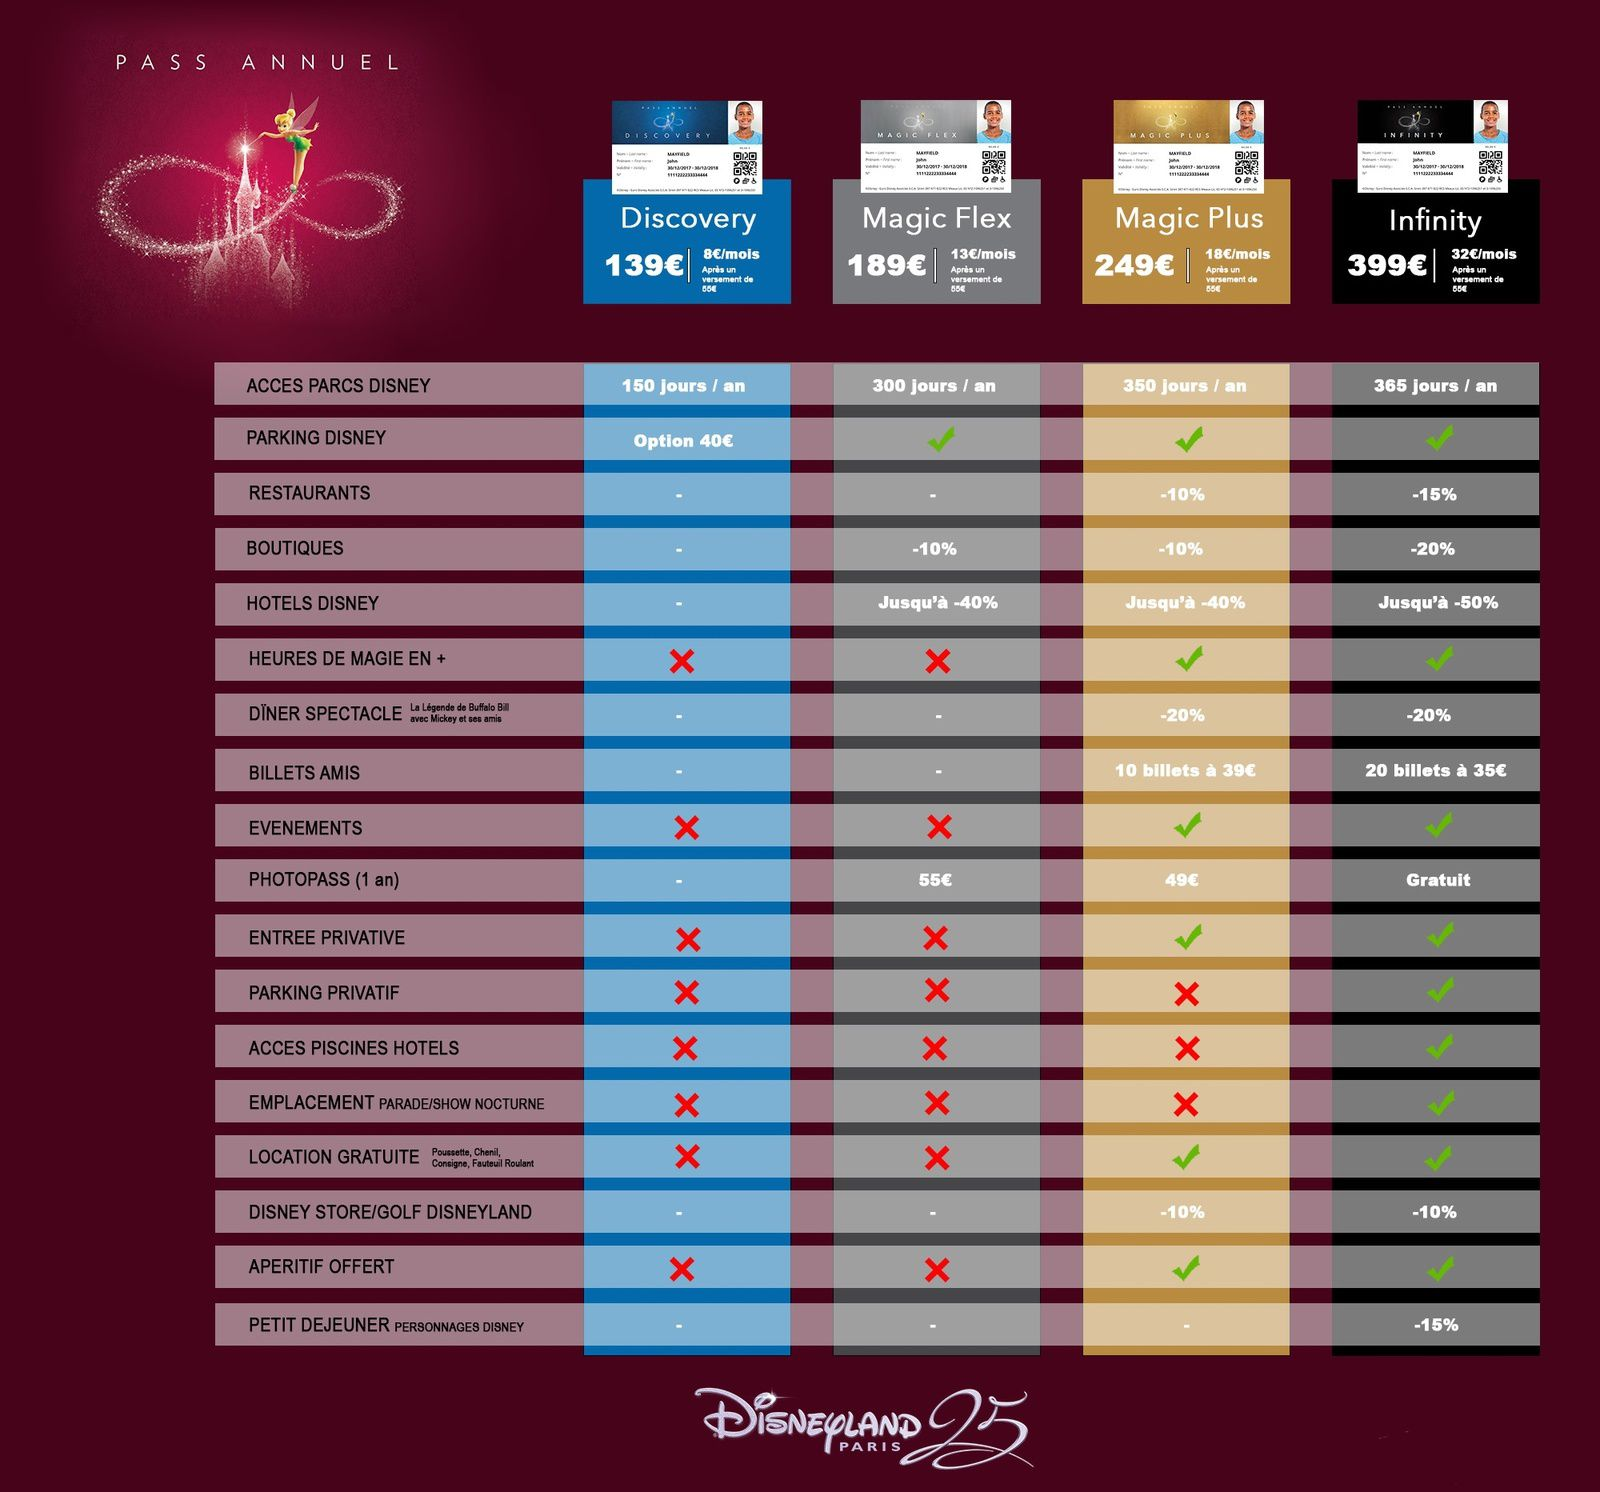 Nouveaux Passeports Annuels a Disneyland Paris